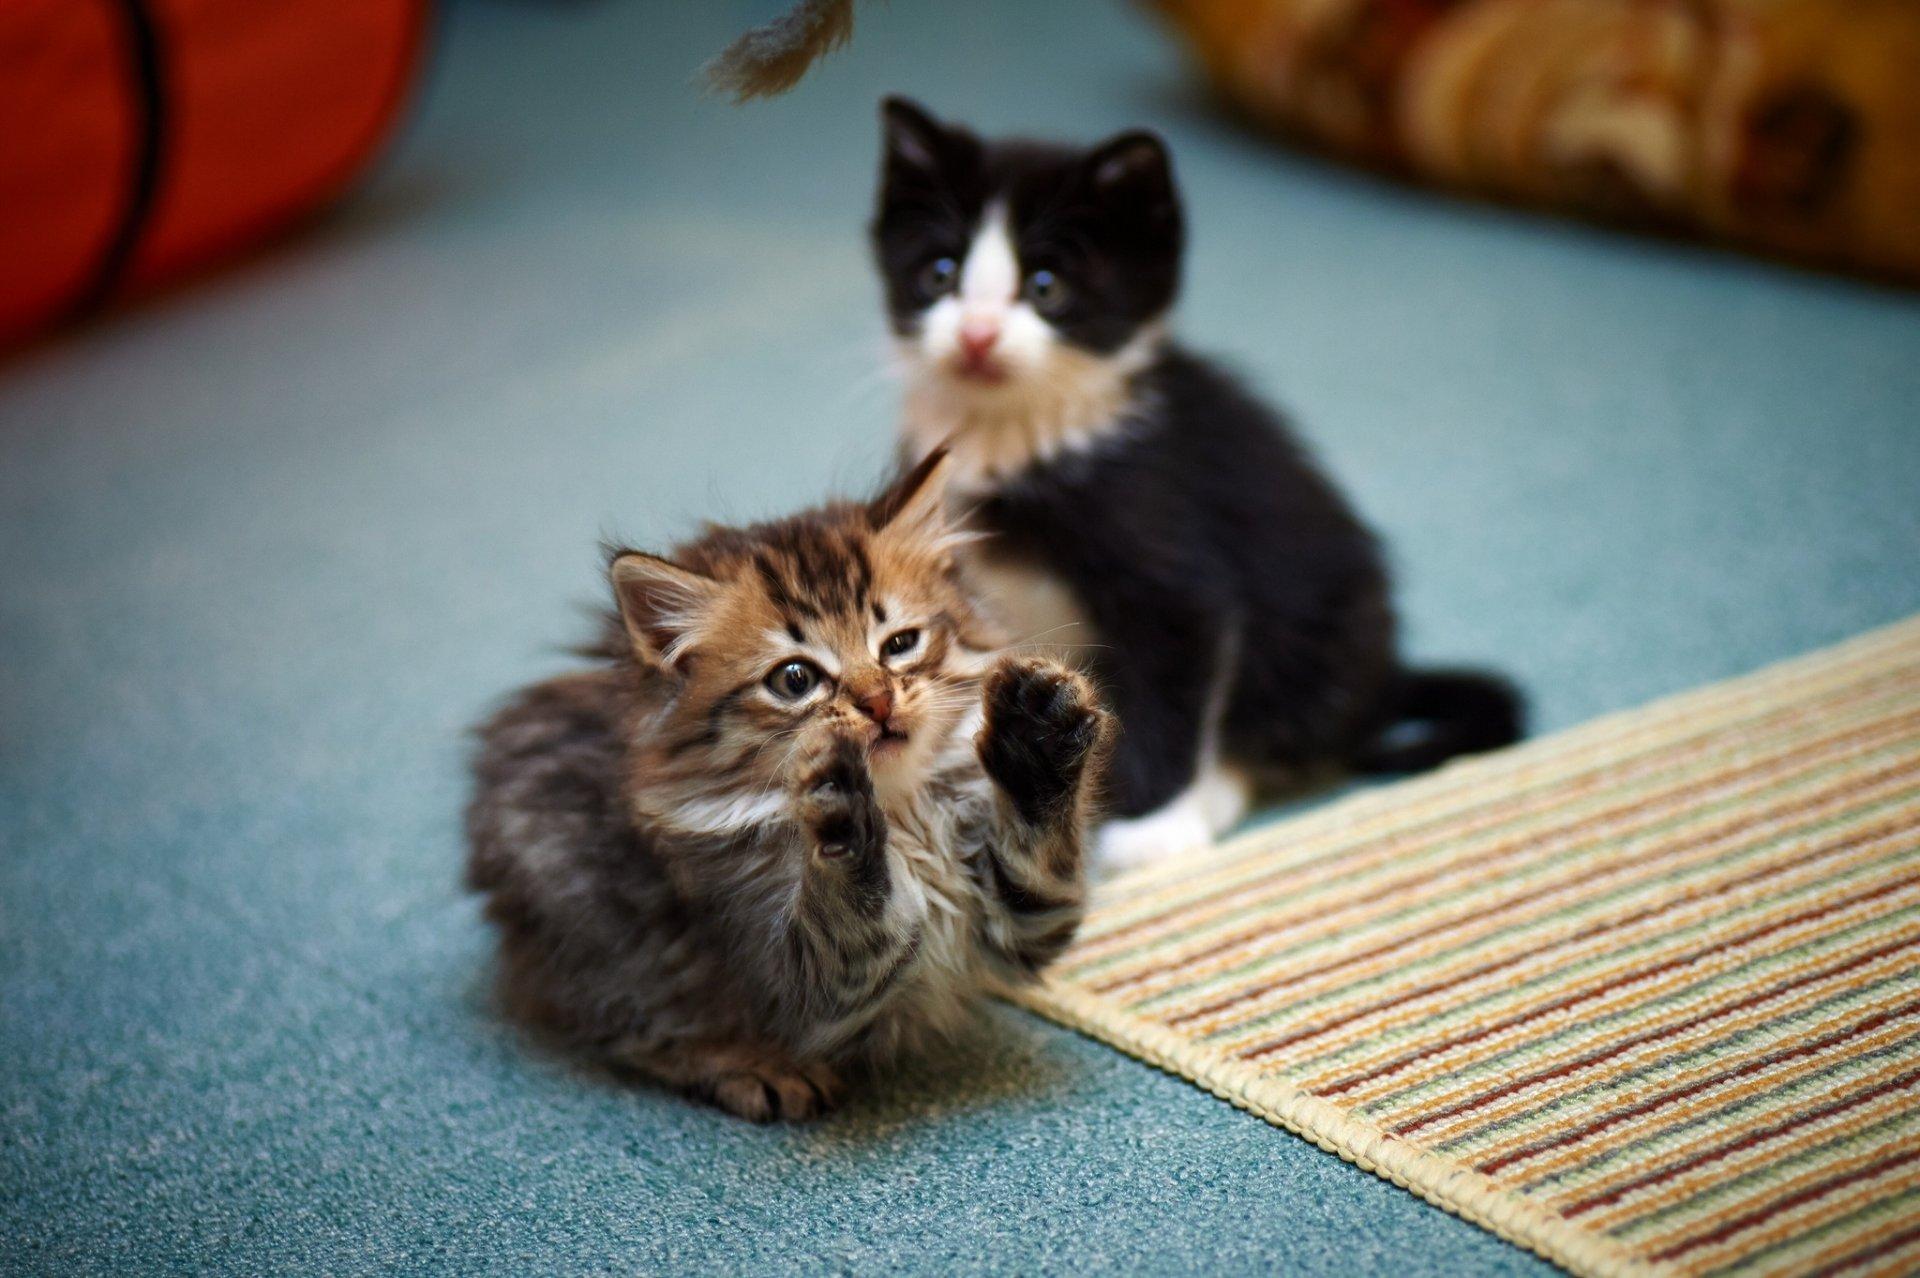 Фотошопом, все приколы с котятами на картинках